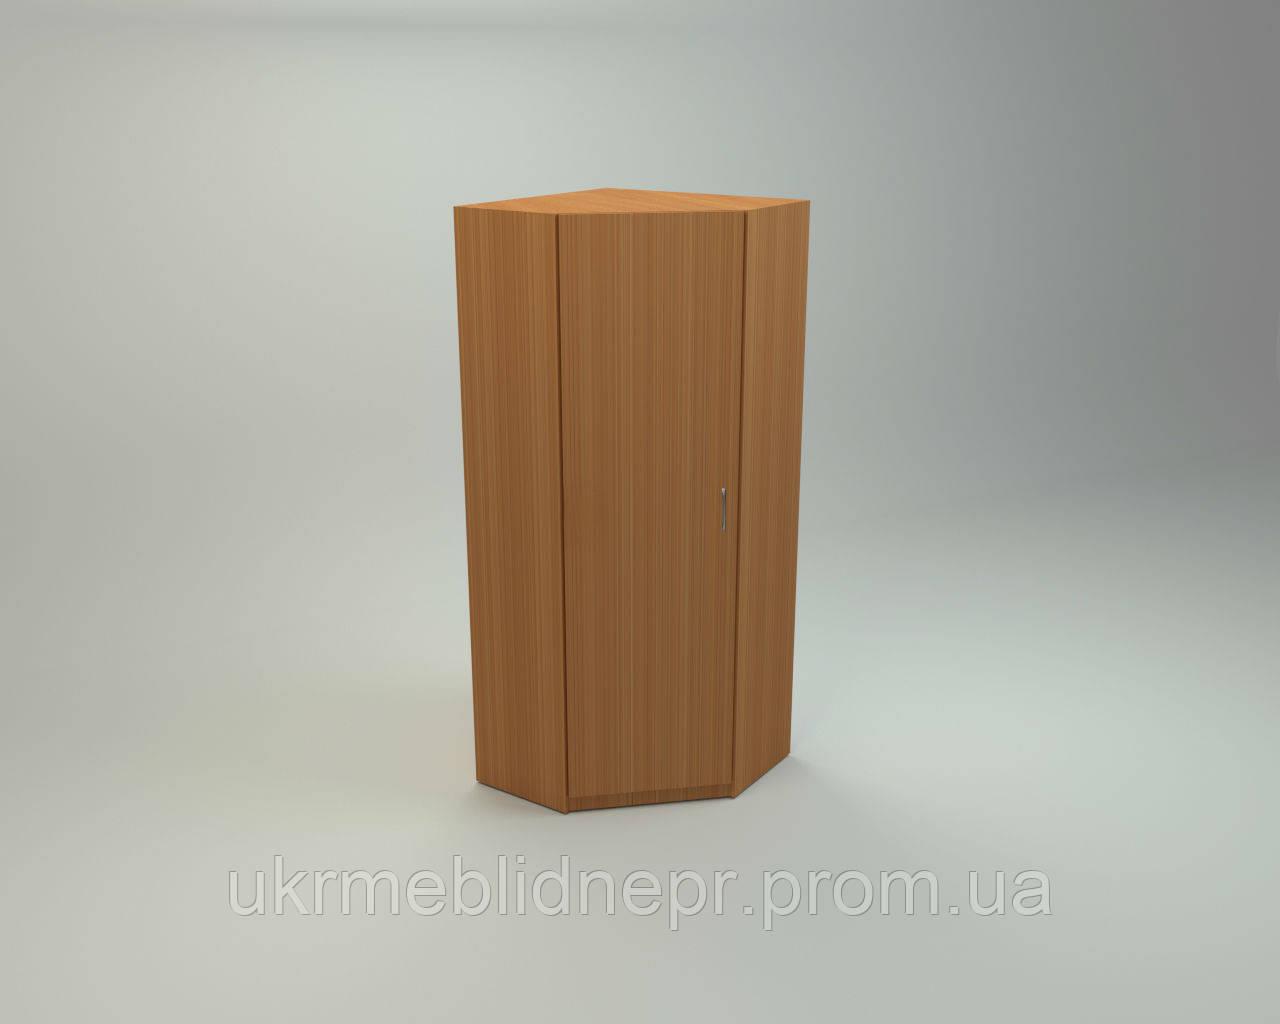 Шкаф угловой 3-У, ДСП, Компанит